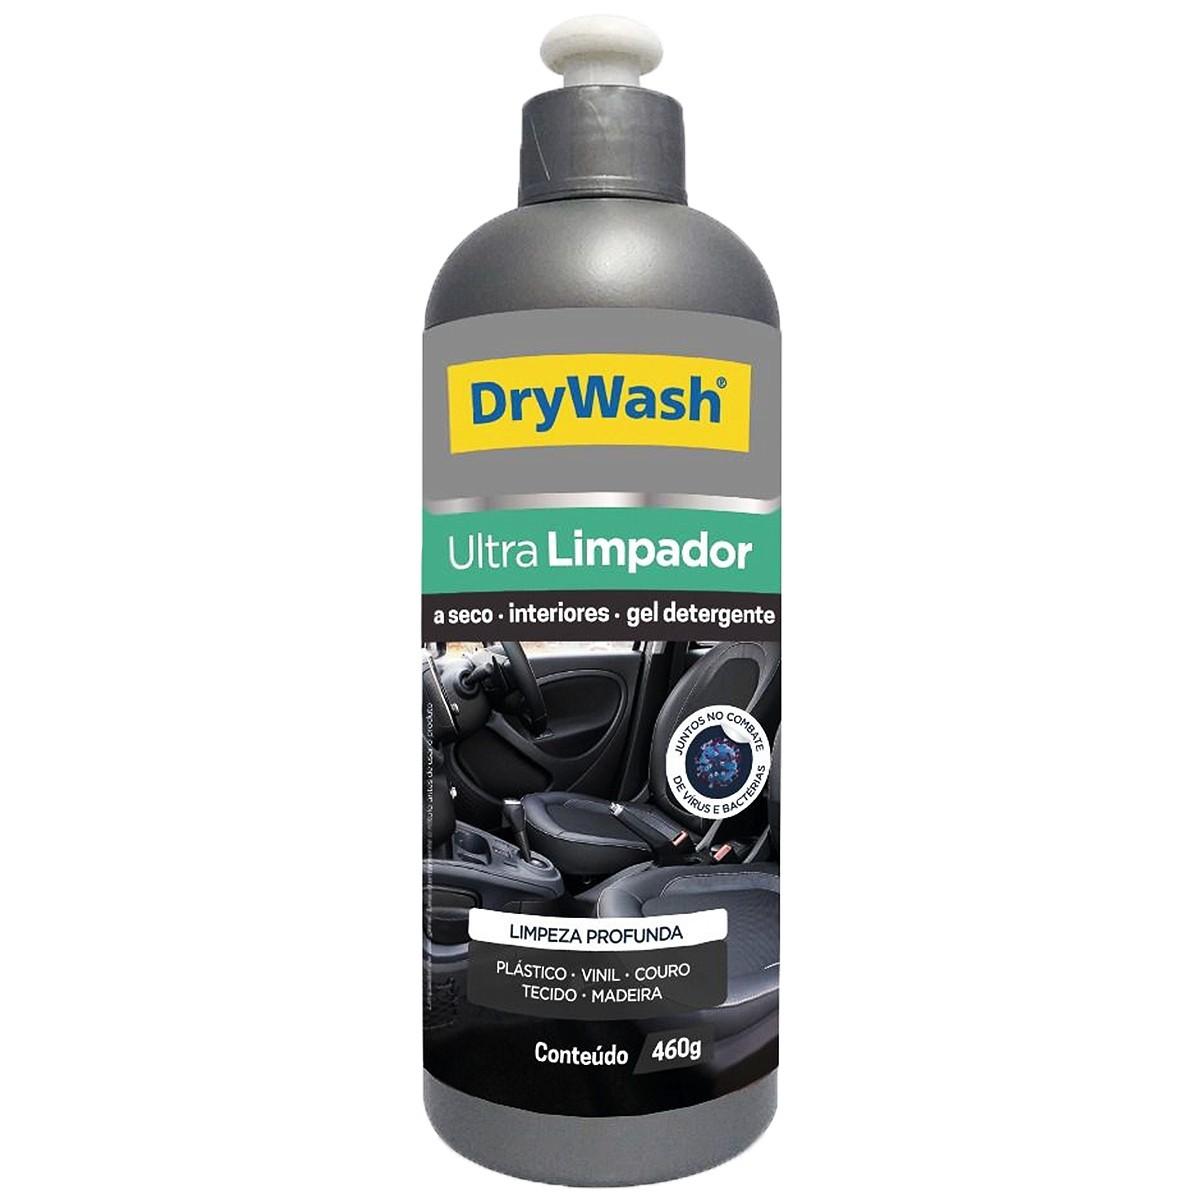 Ultra Limpador Detergente Gel a Seco 460g DryWash